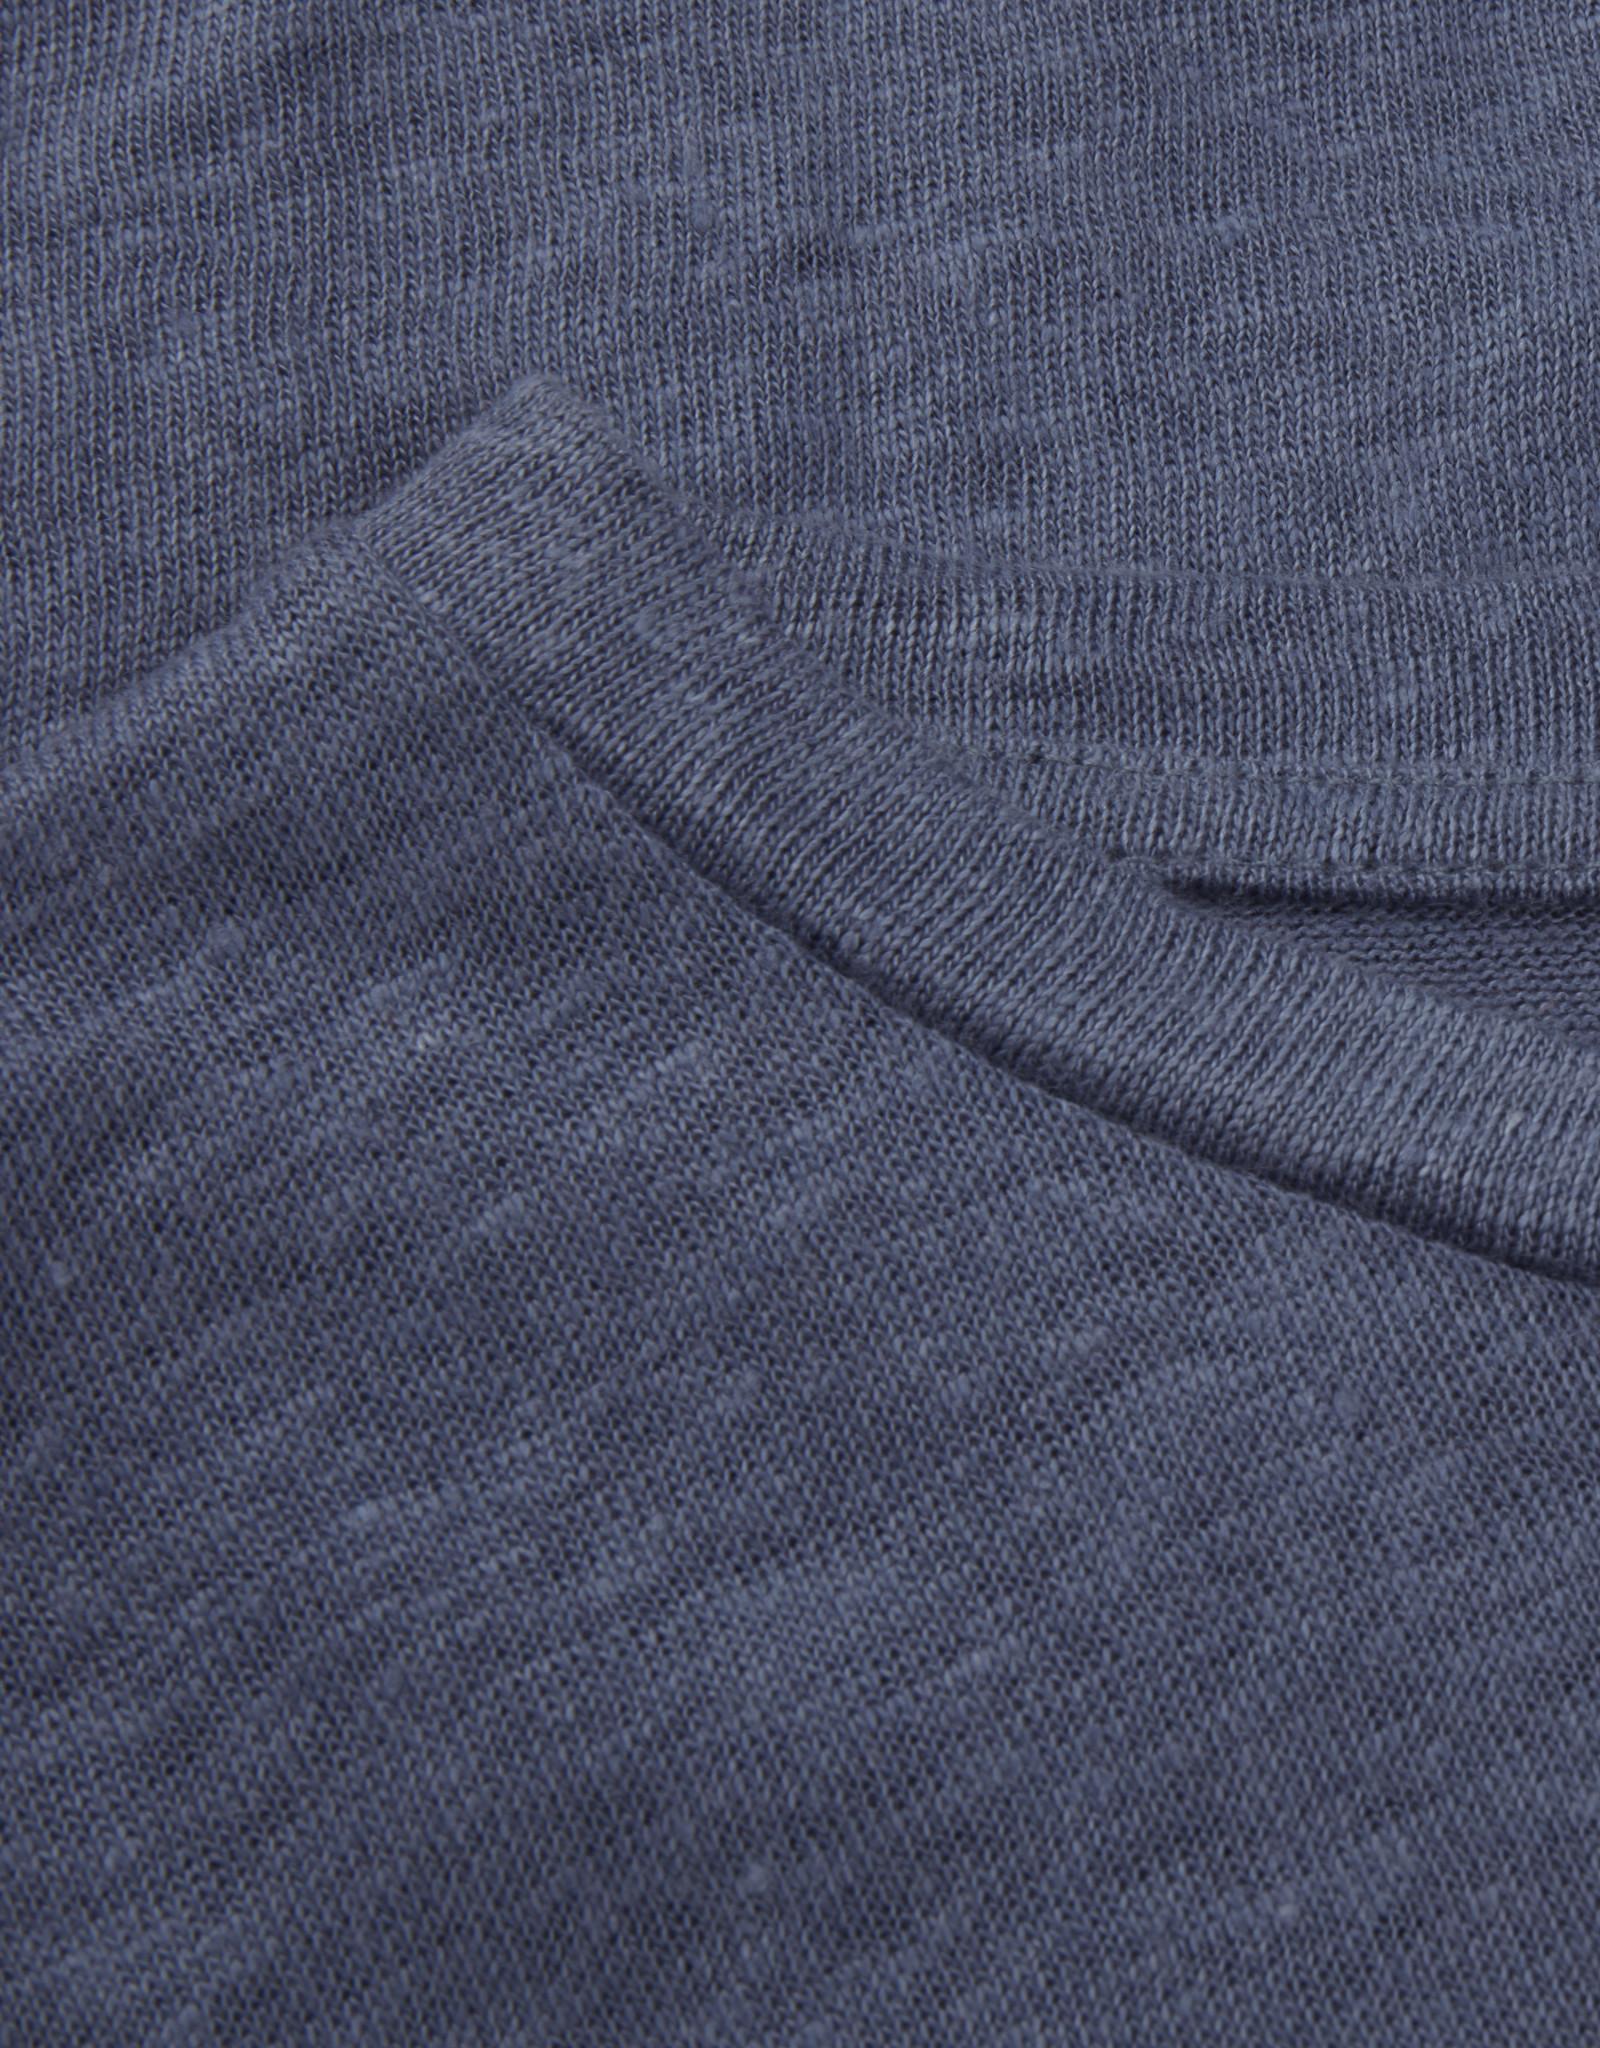 Stenströms Stenströms T-shirt lichtblauw 440038-2462/160